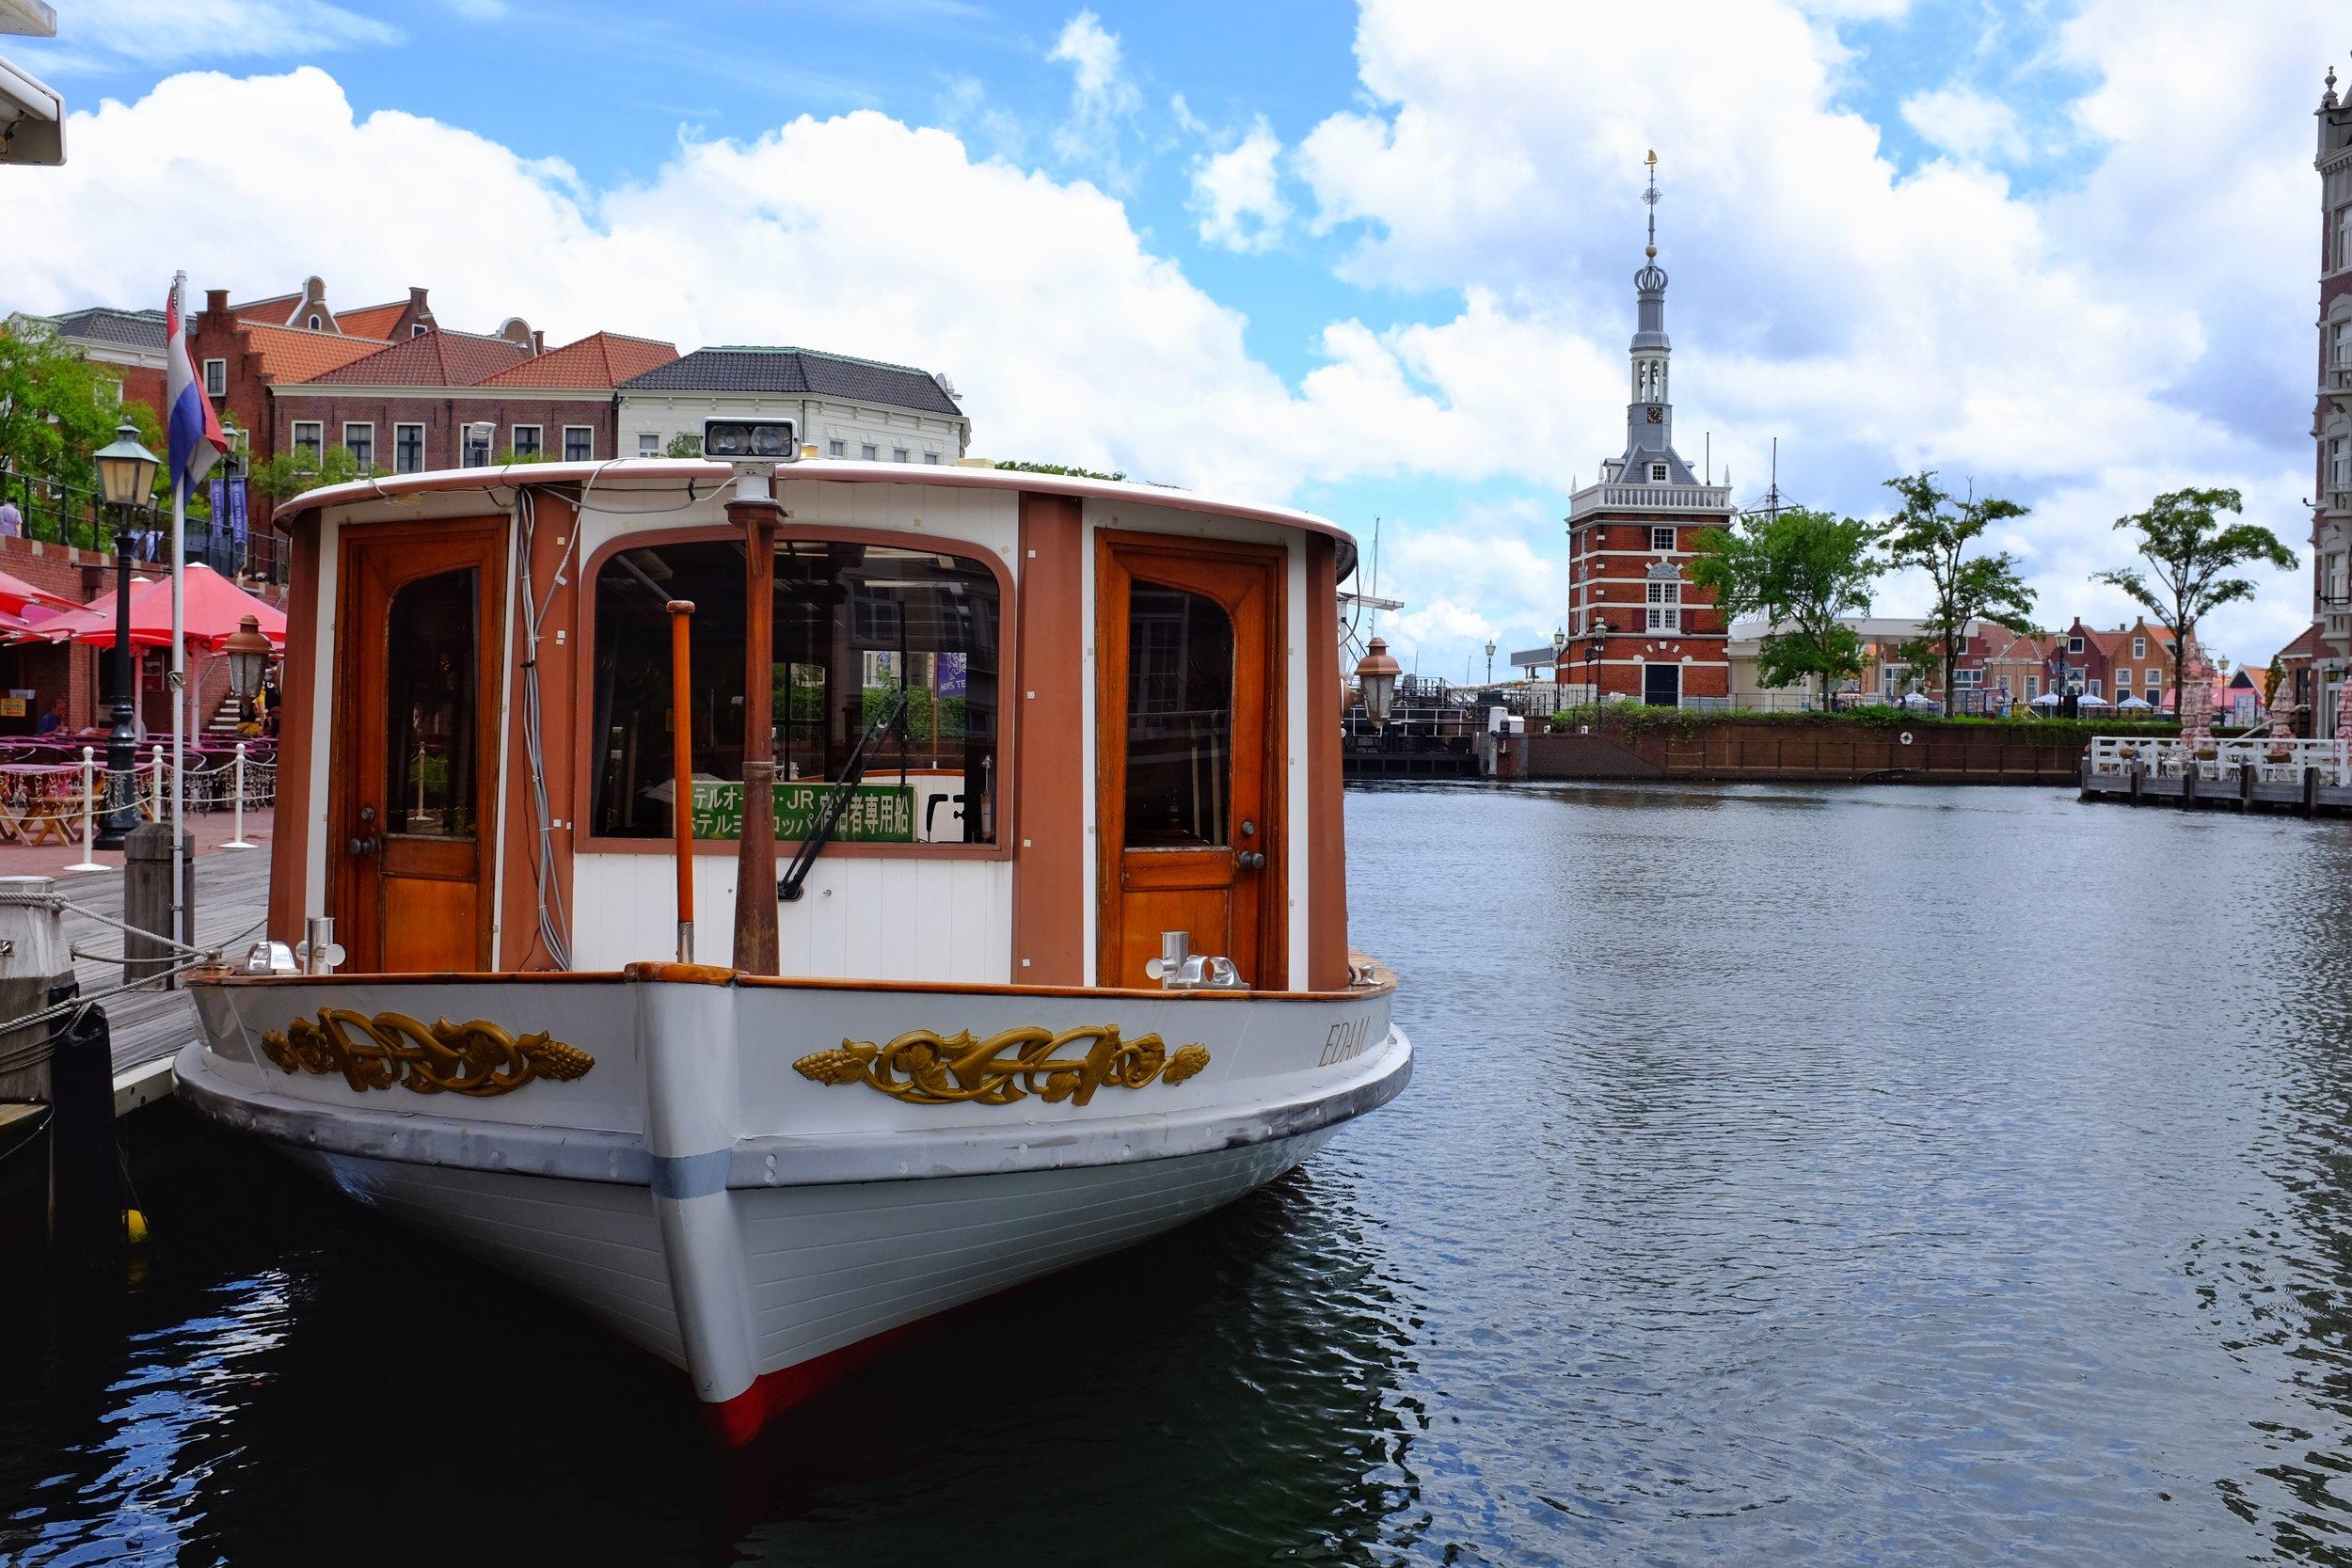 canal city Huis Ten Bosch